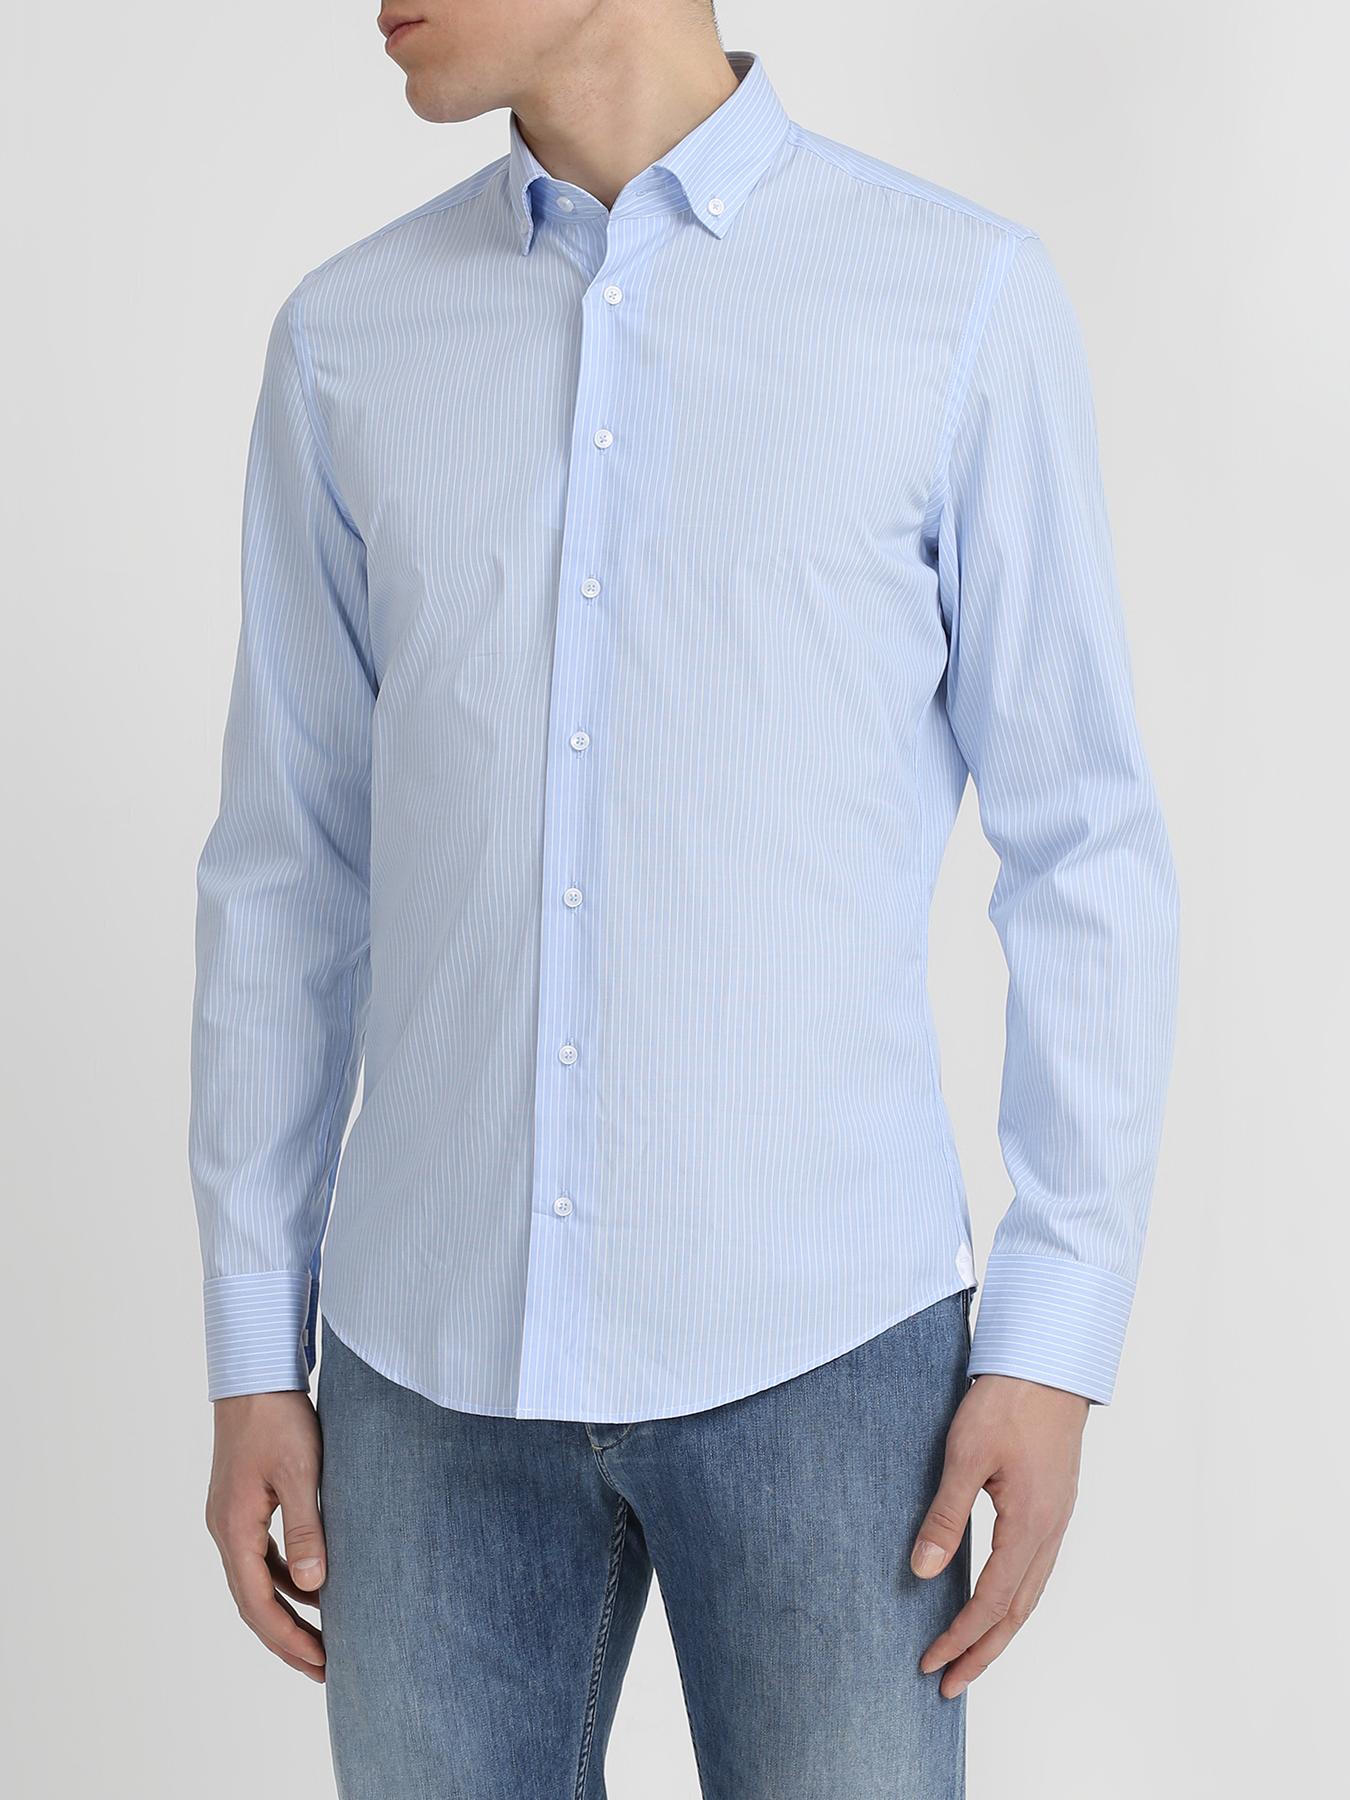 ночная рубашка с принтом в полоску Рубашки Ritter Хлопковая рубашка в полоску